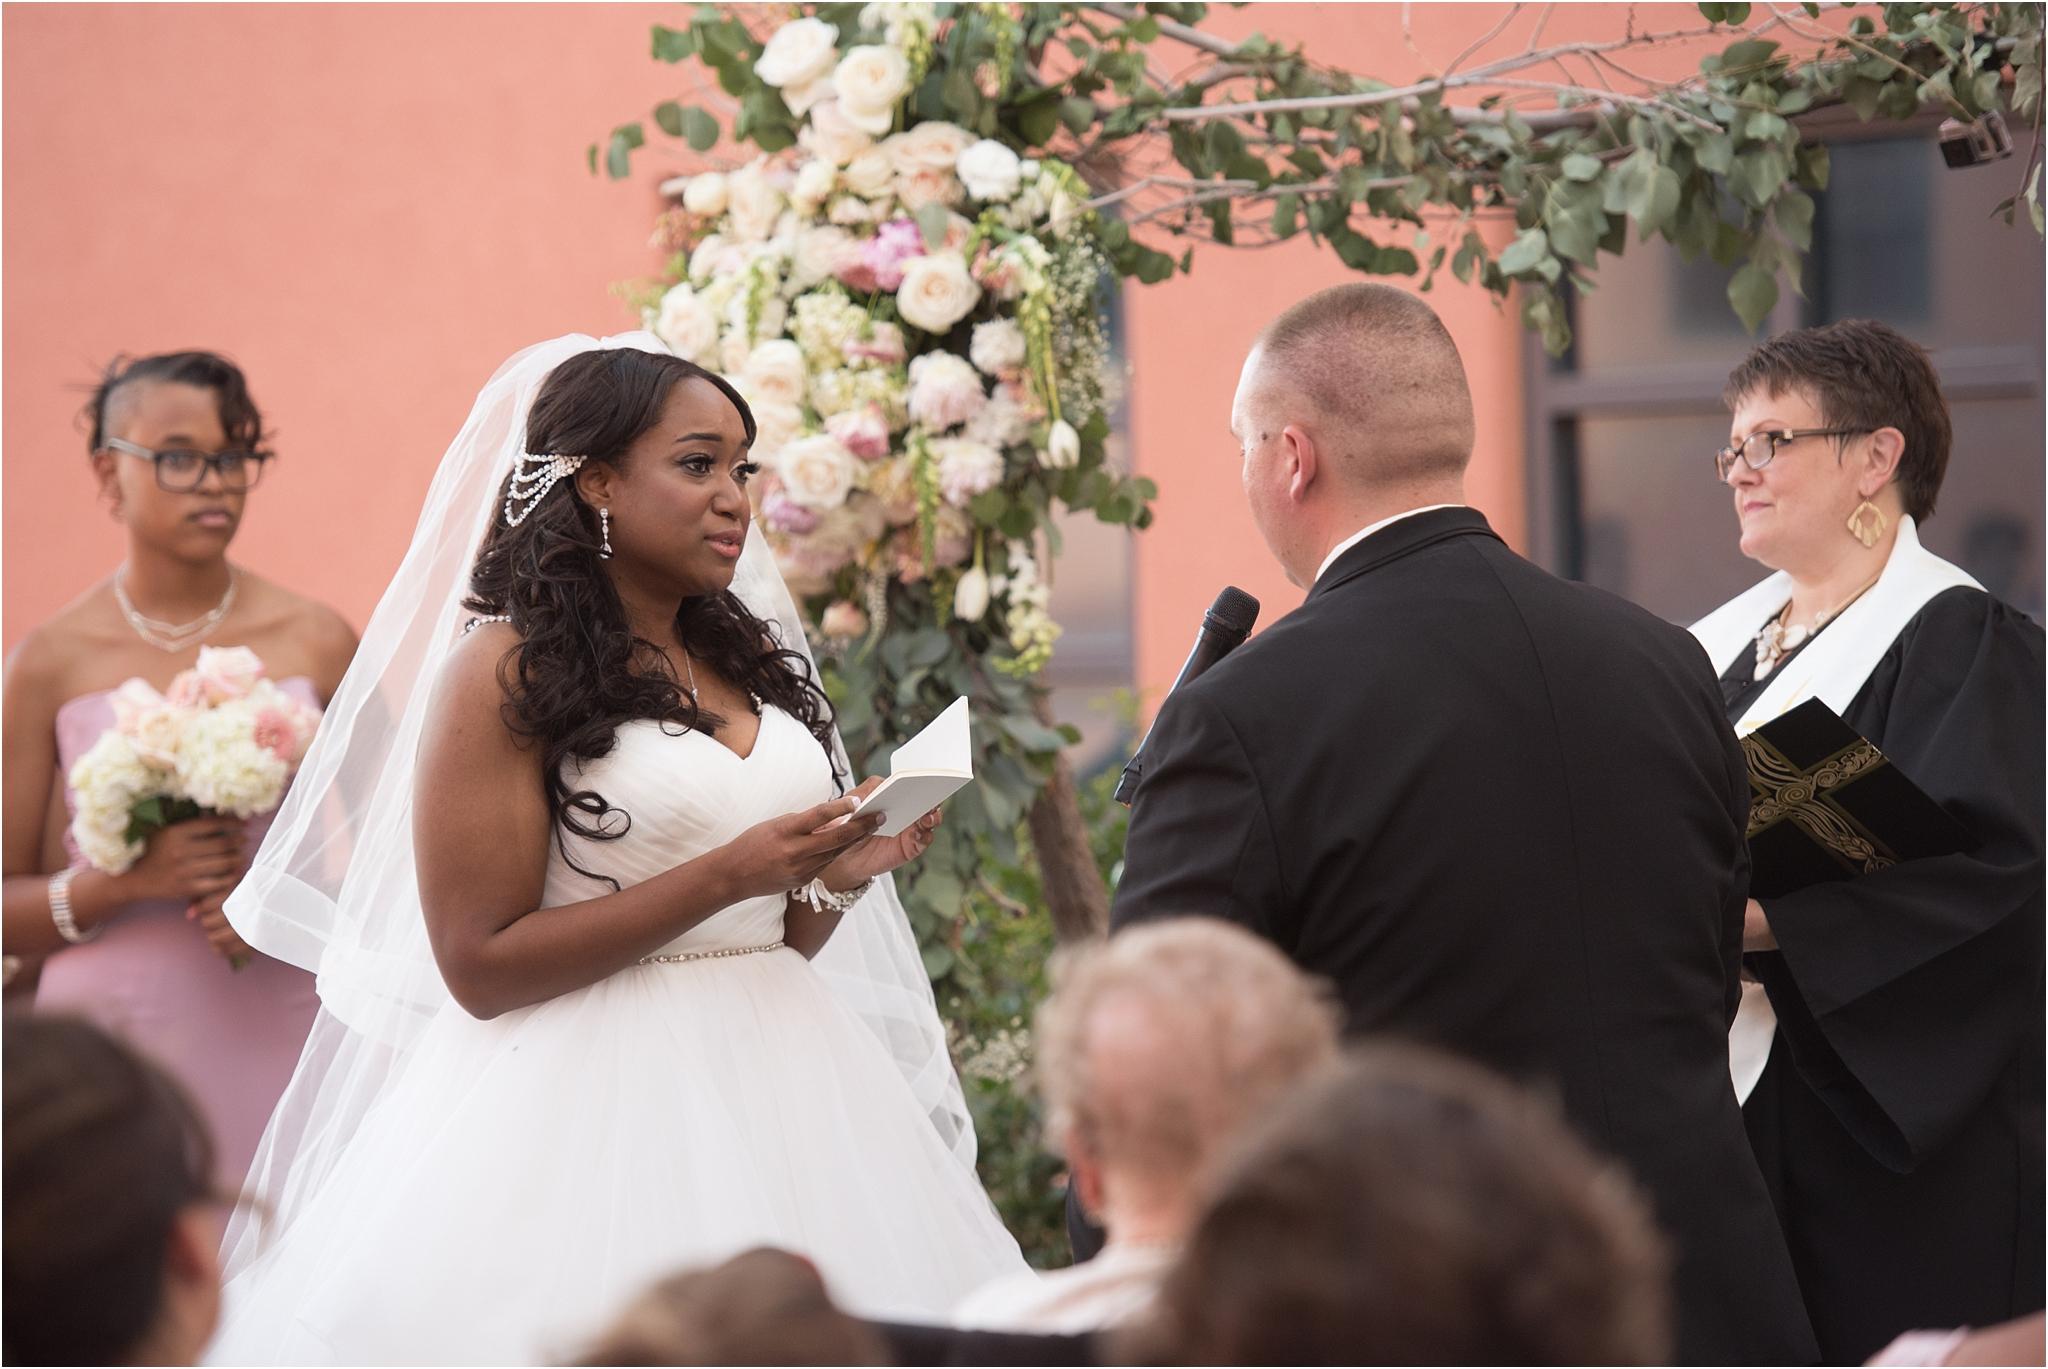 kayla kitts photography - albuquerque wedding photographer - isleta wedding_0022.jpg